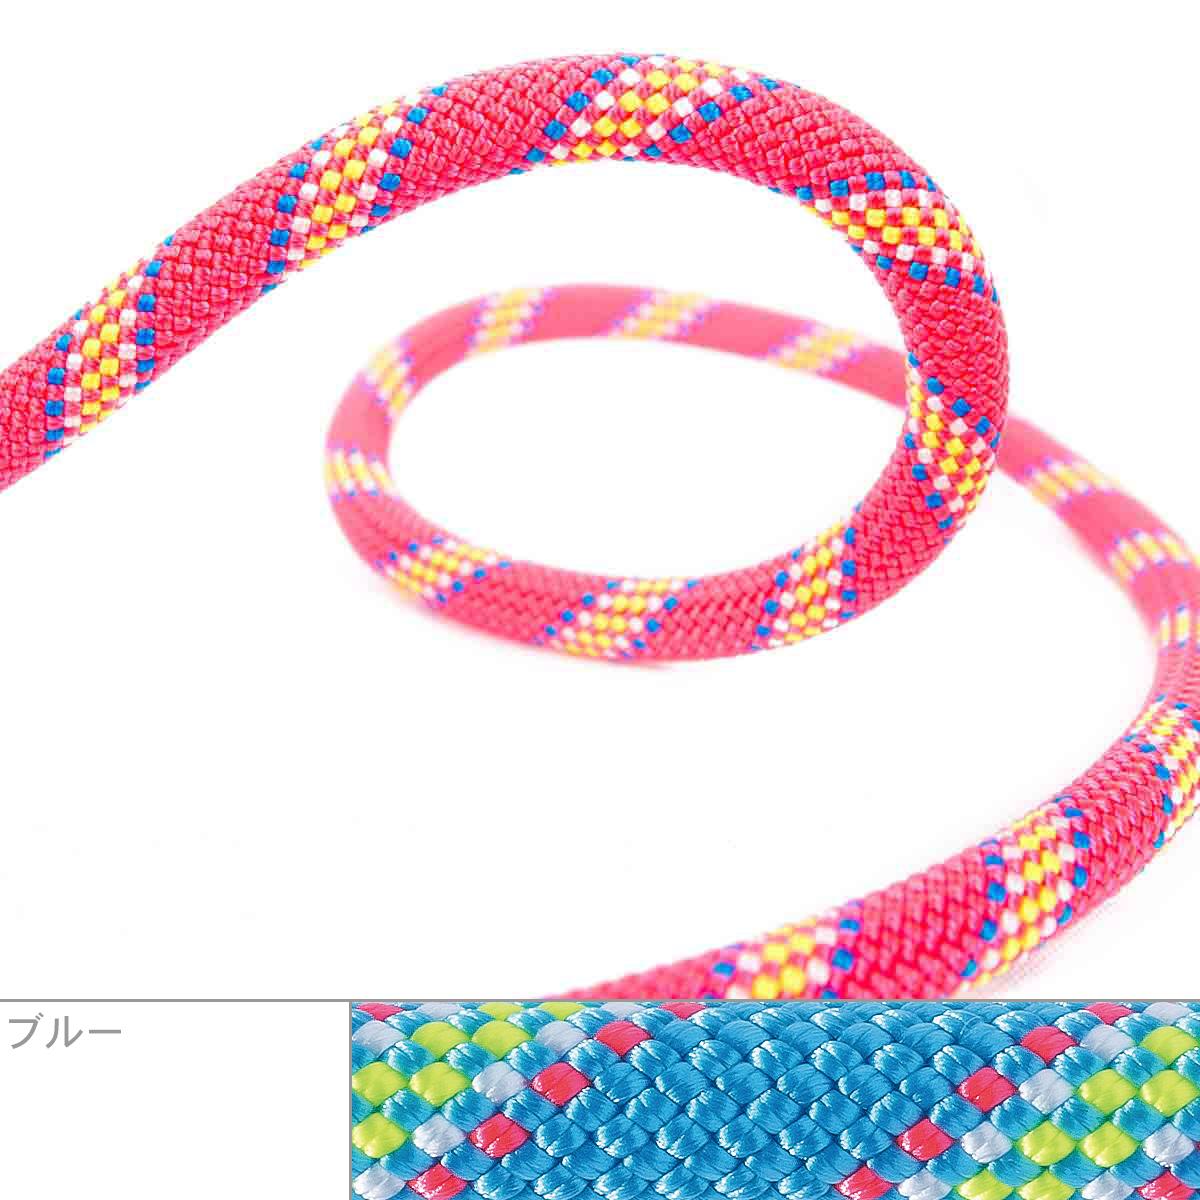 【ポイント3倍~3/20】ベアール9.5mmゼニス 50m  シングルロープ